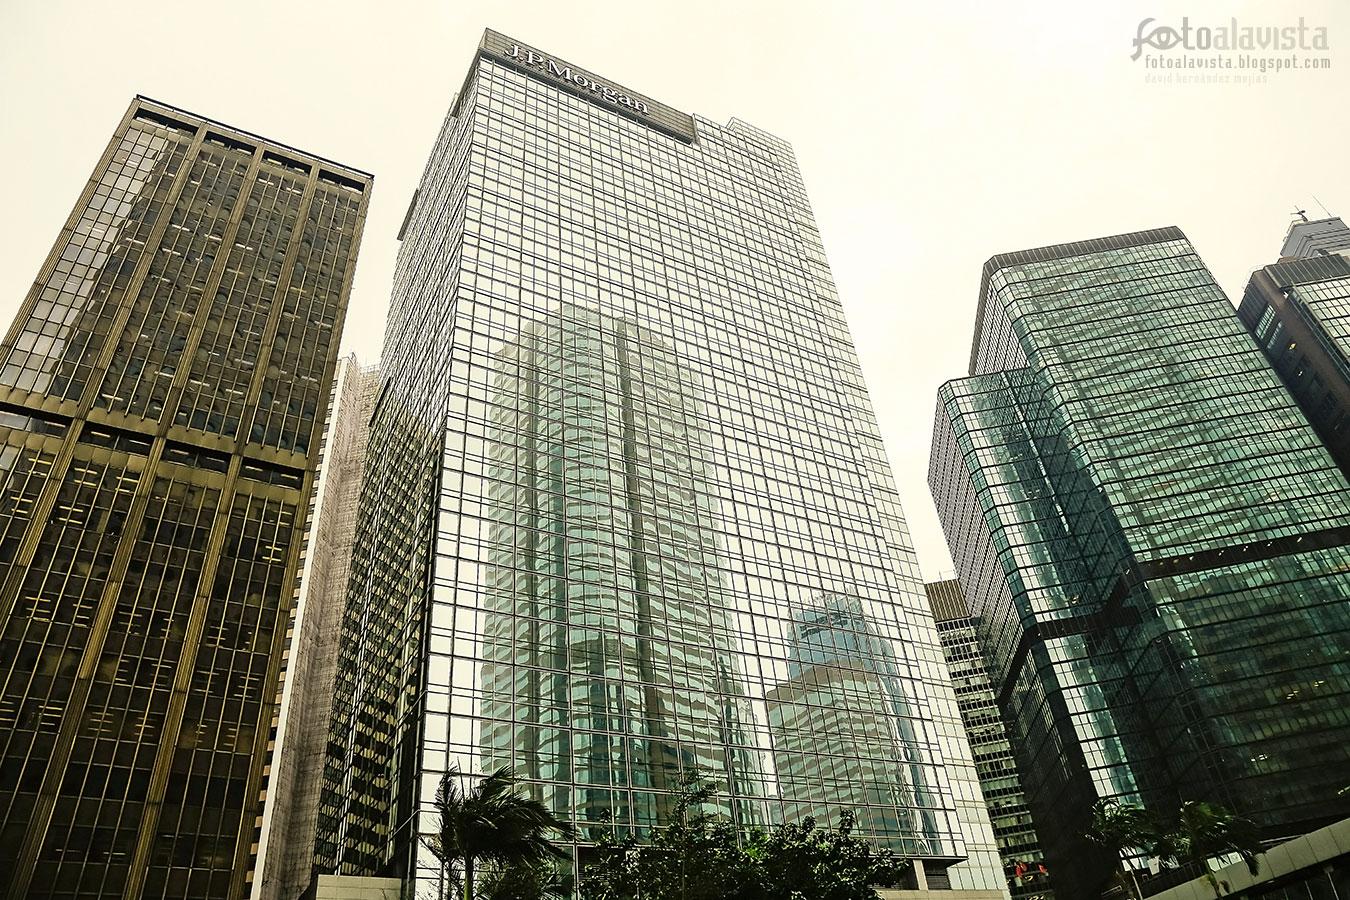 Rascacielos de cristal reflejados - Fotografía artística